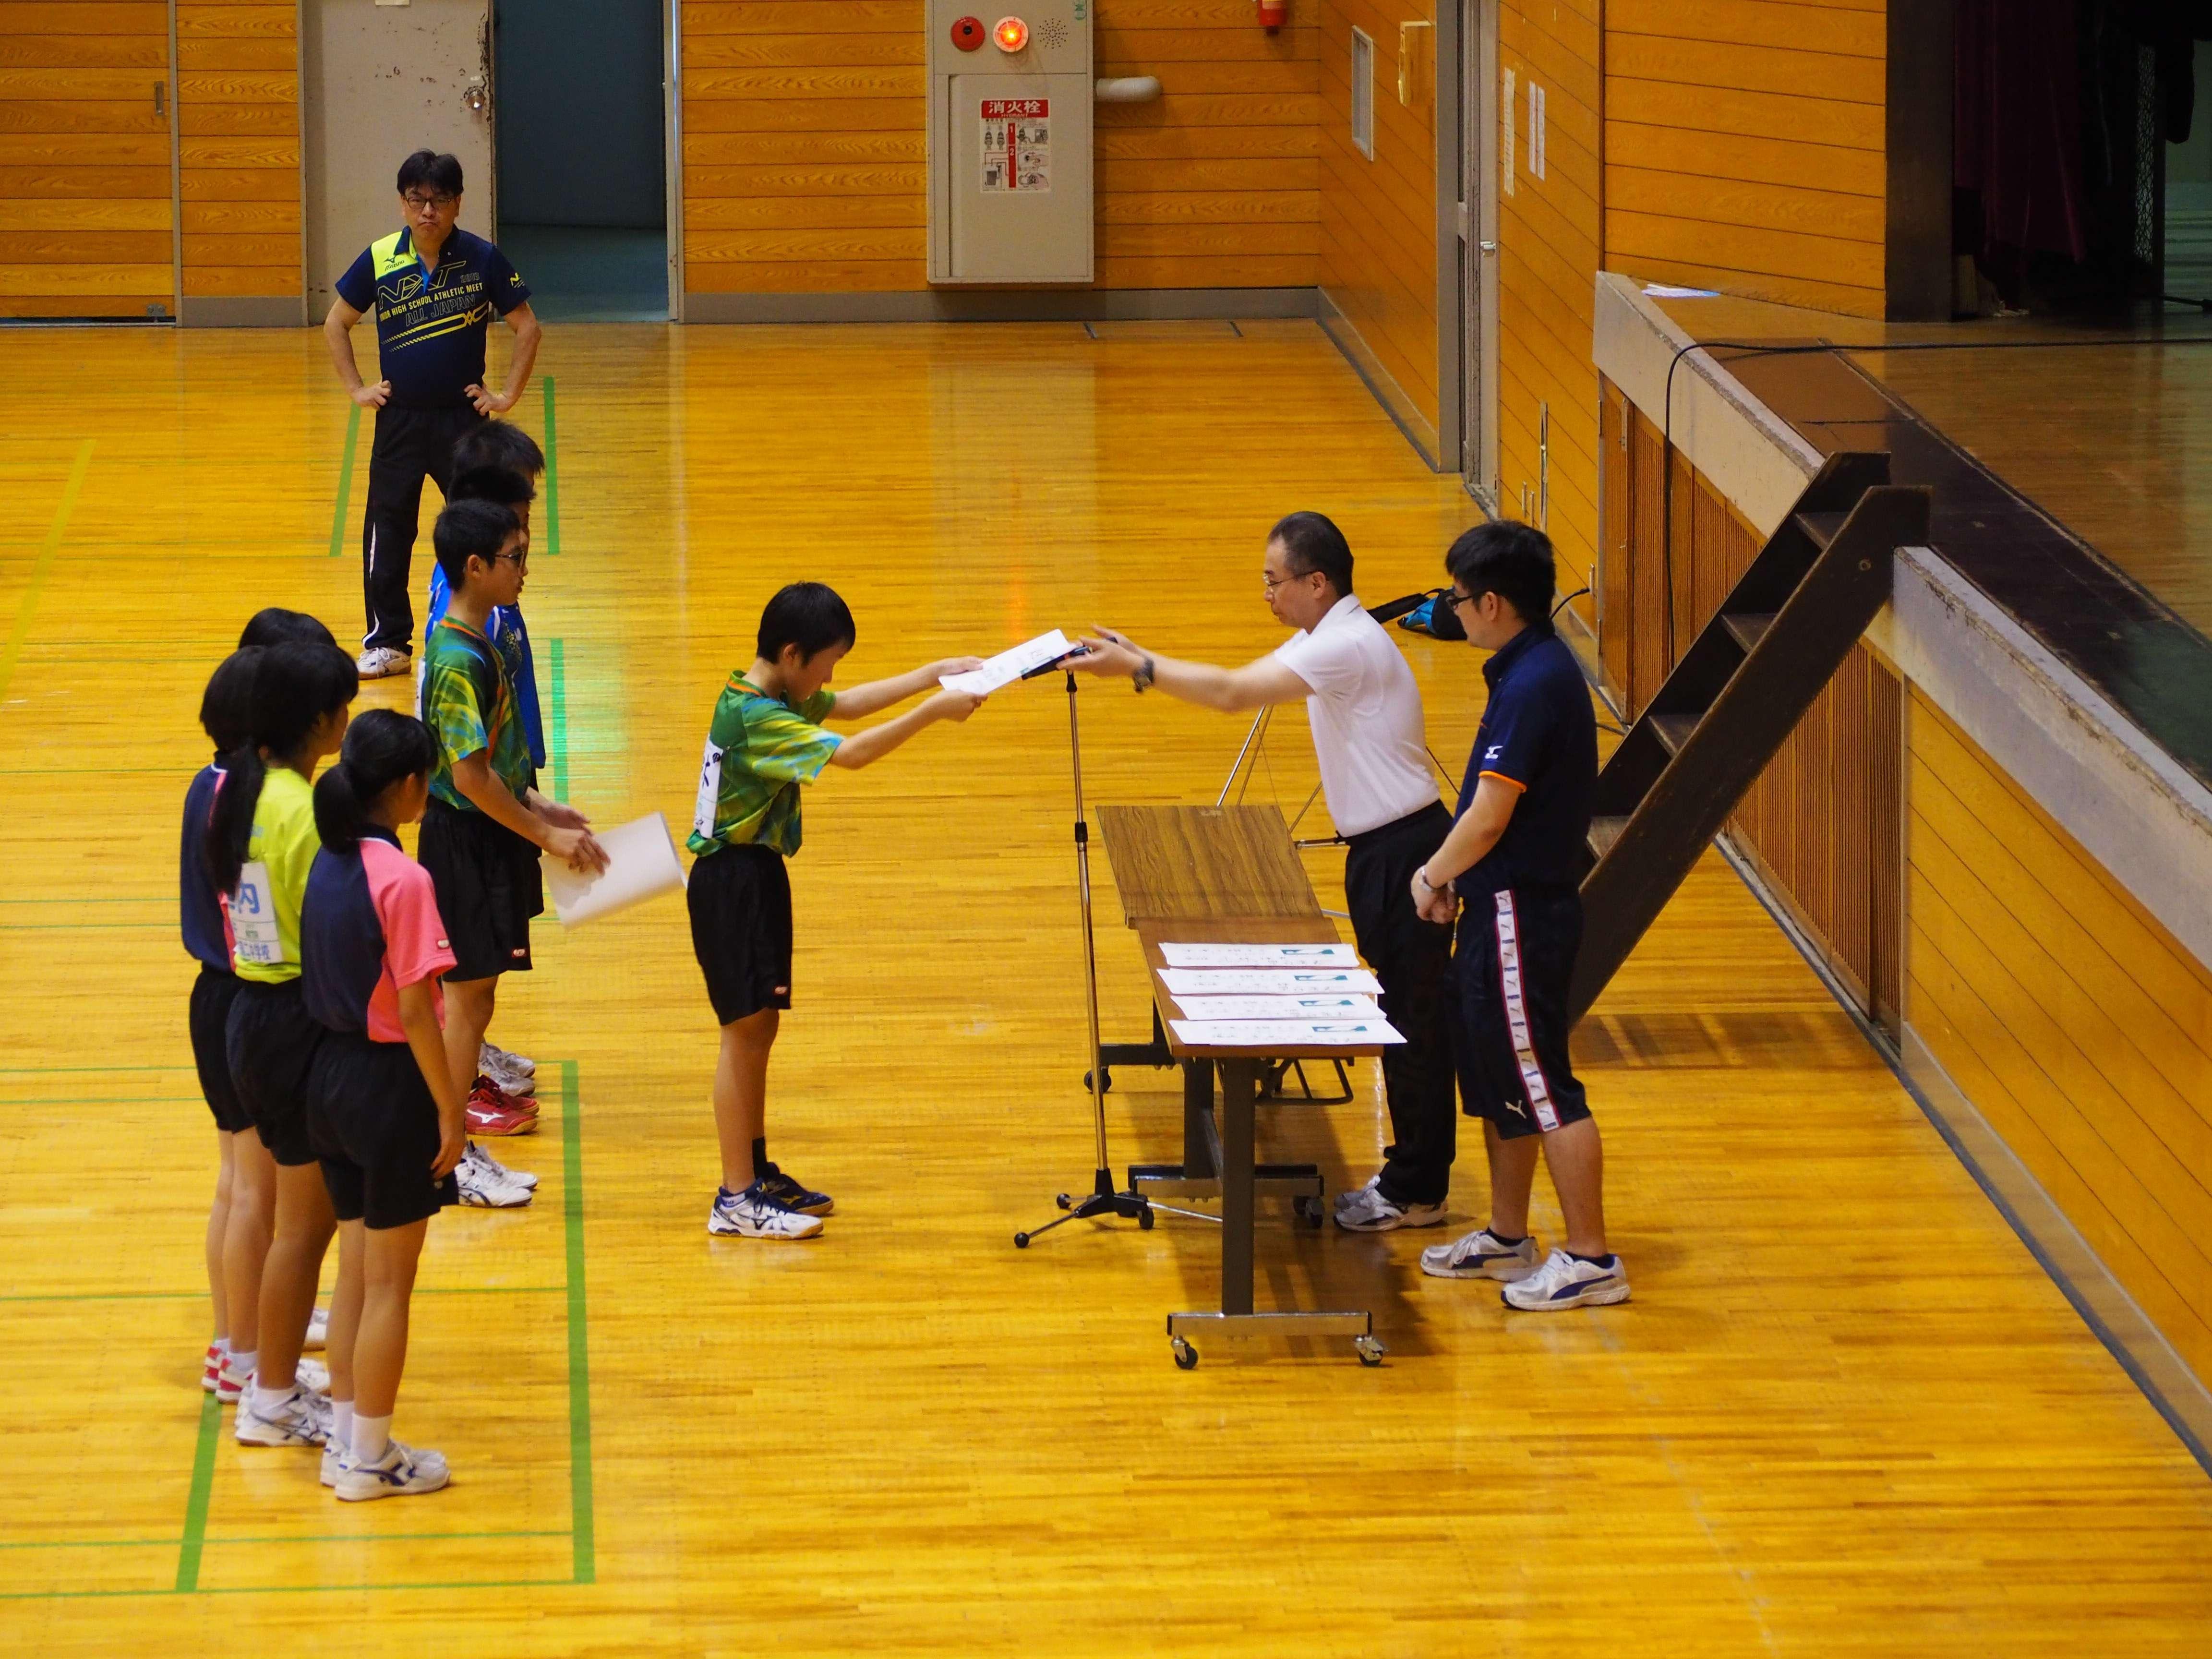 20170709_夏季総合競技大会南越地区卓球大会03